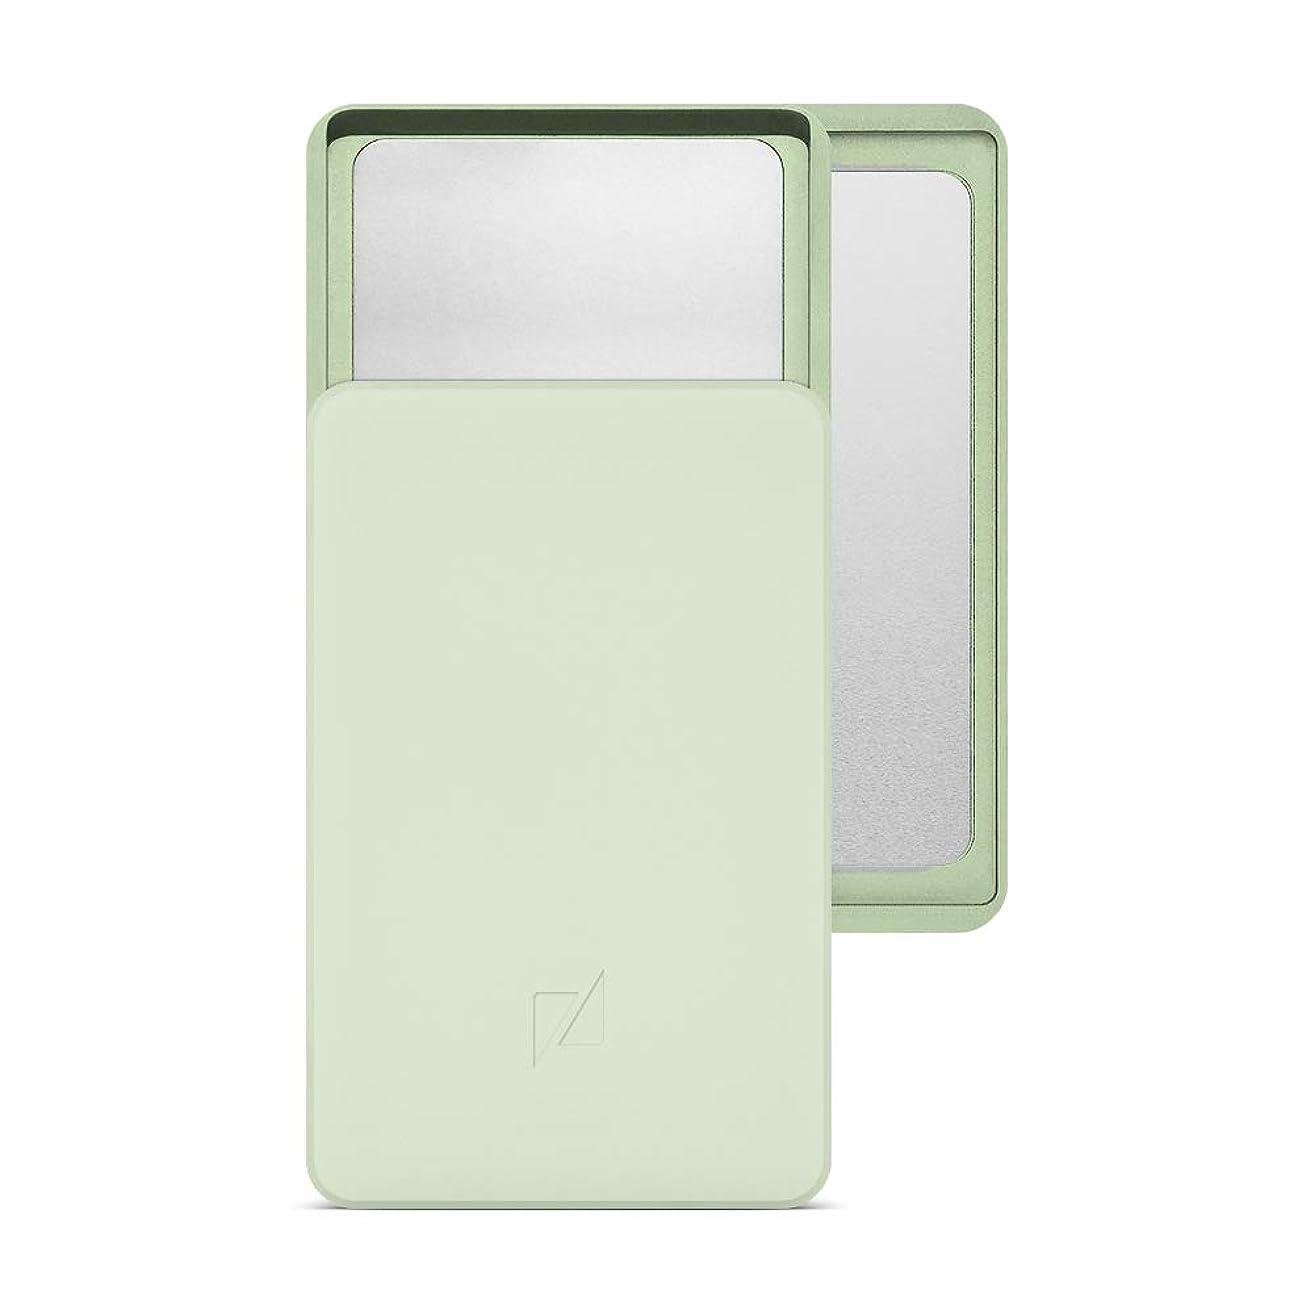 混雑ペッカディロメトロポリタンZenlet 2+ モバイルウォレット クレジットカードケース スキミング防止機能 ICカードタッチ機能 直感スライド 横スライド スマートな外観 極薄軽量 ビジネスに お出かけ?旅に ふだんのお買い物に